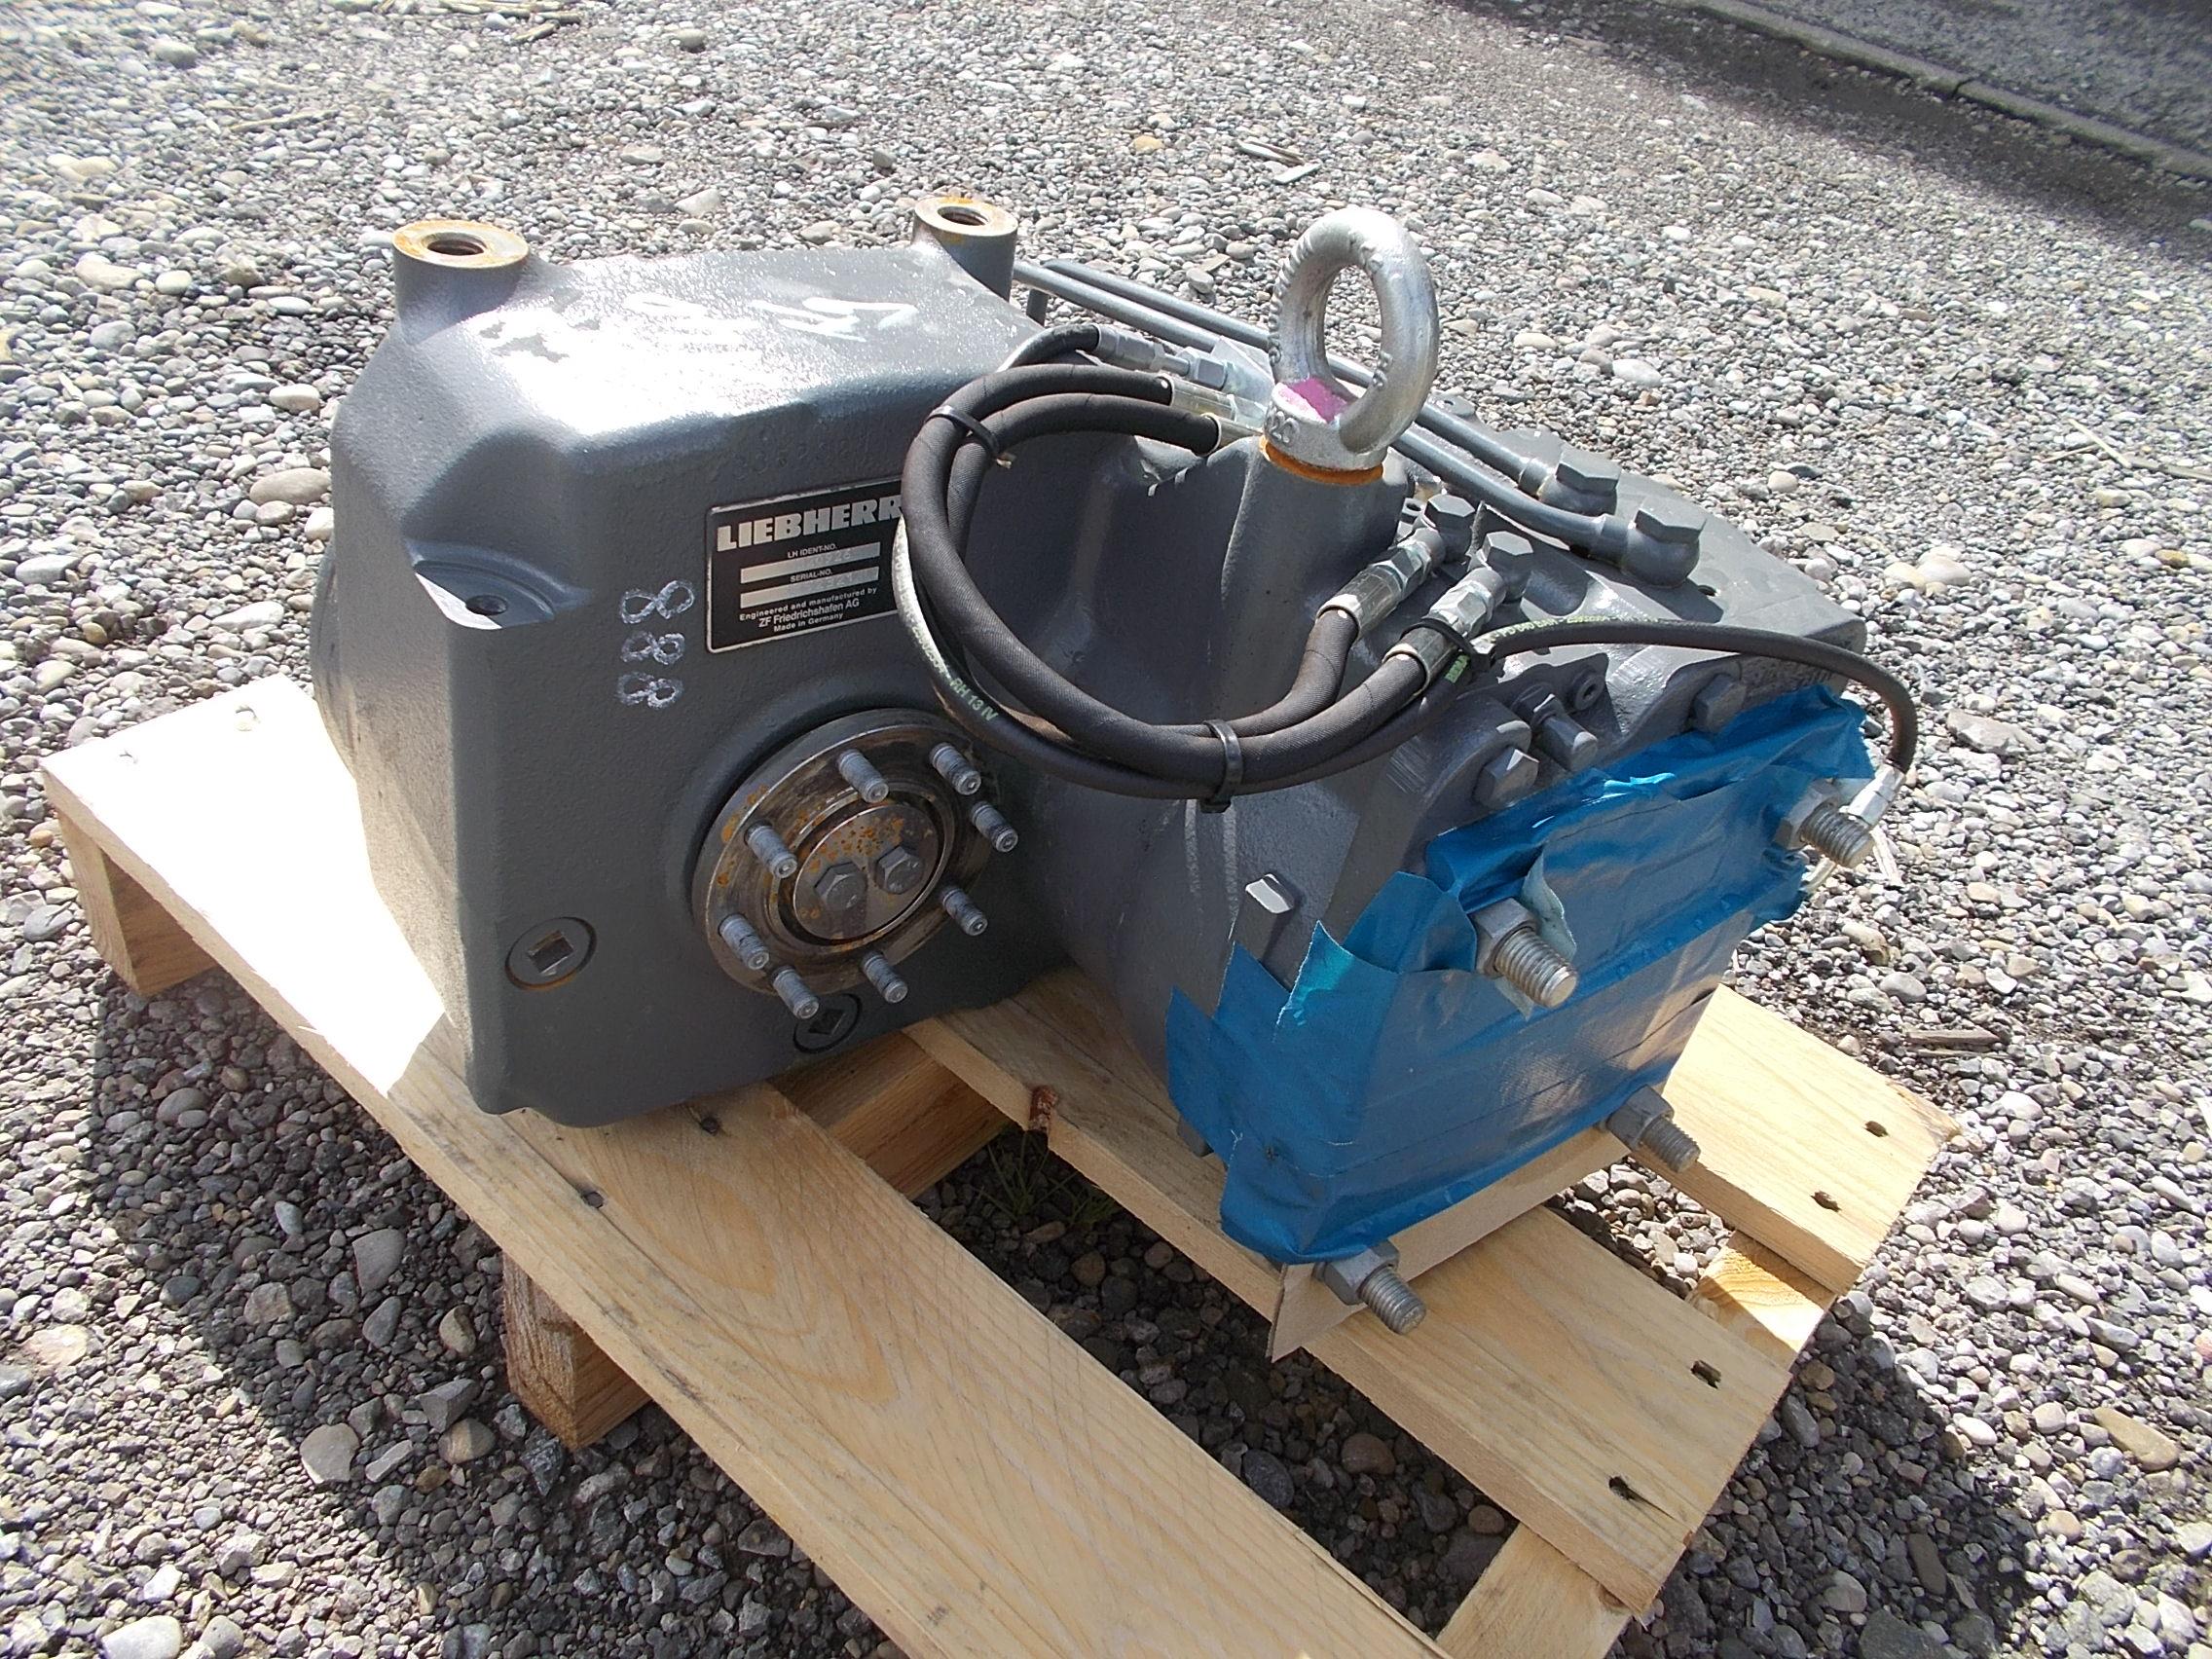 DSCN4054.JPG